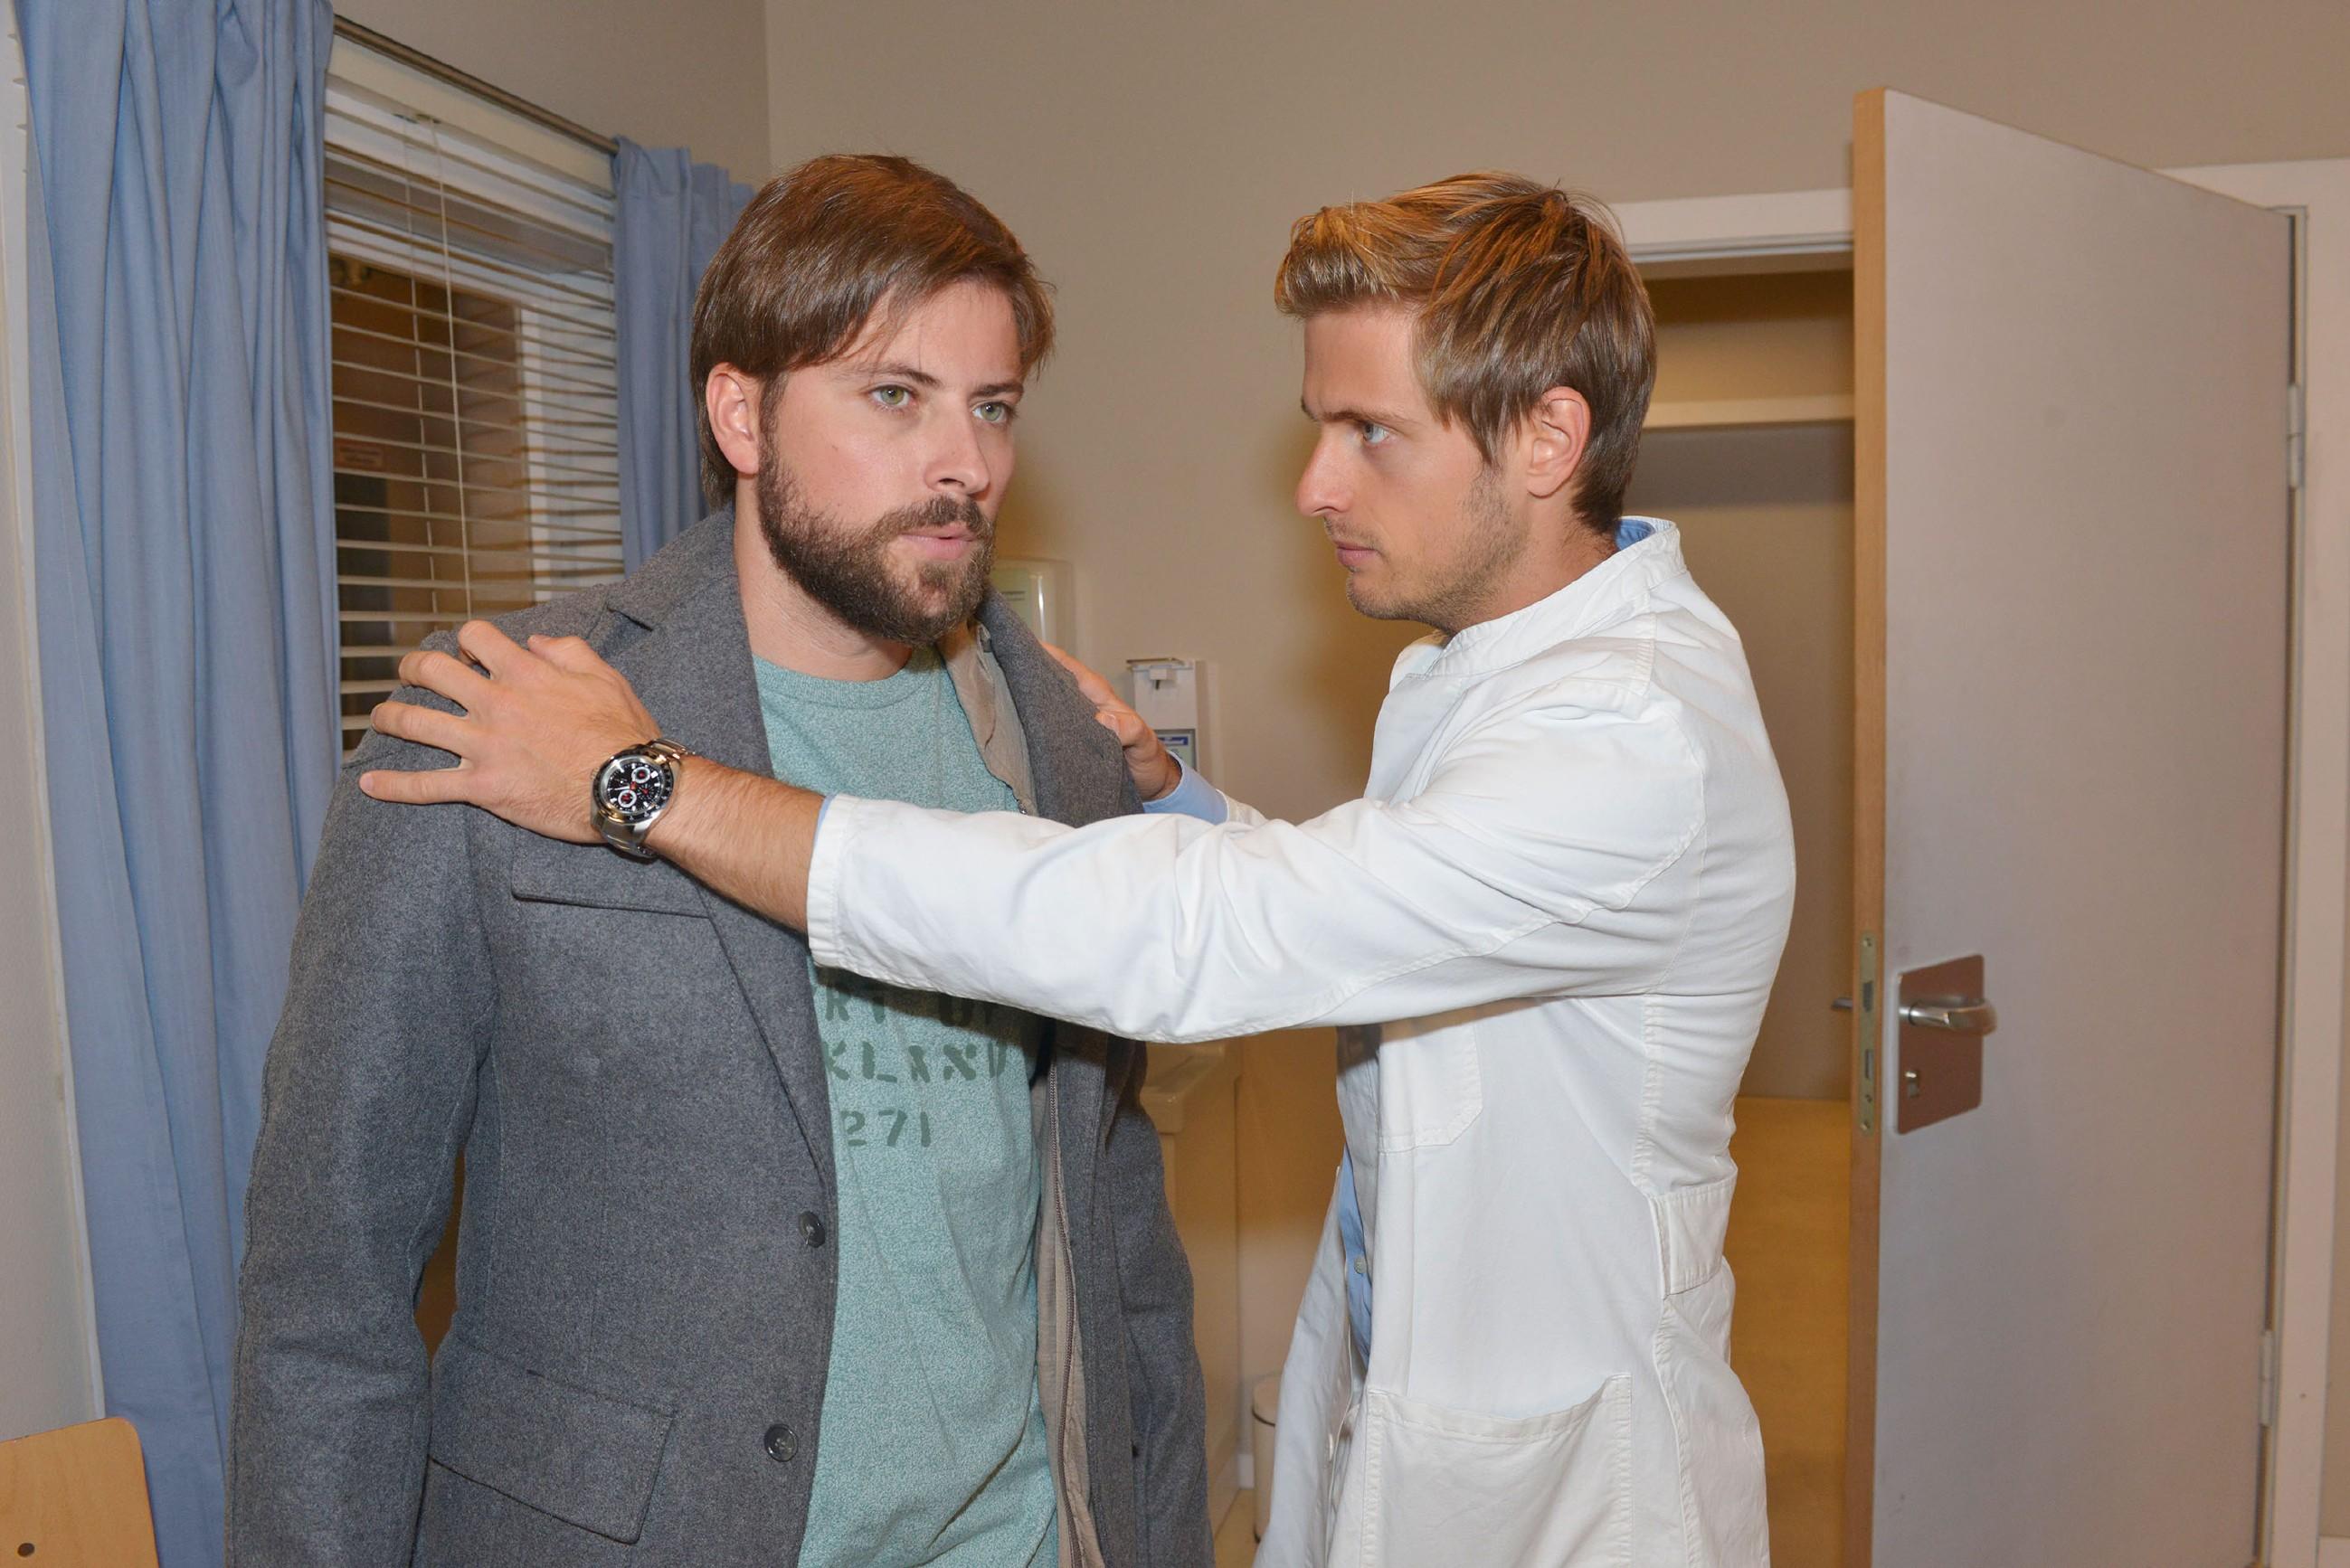 Philip (Jörn Schlönvoigt, r.) versucht John (Felix von Jascheroff) zu beruhigen, der sich bezüglich Elena machtlos fühlt. (Quelle: RTL / Rolf Baumgartner)